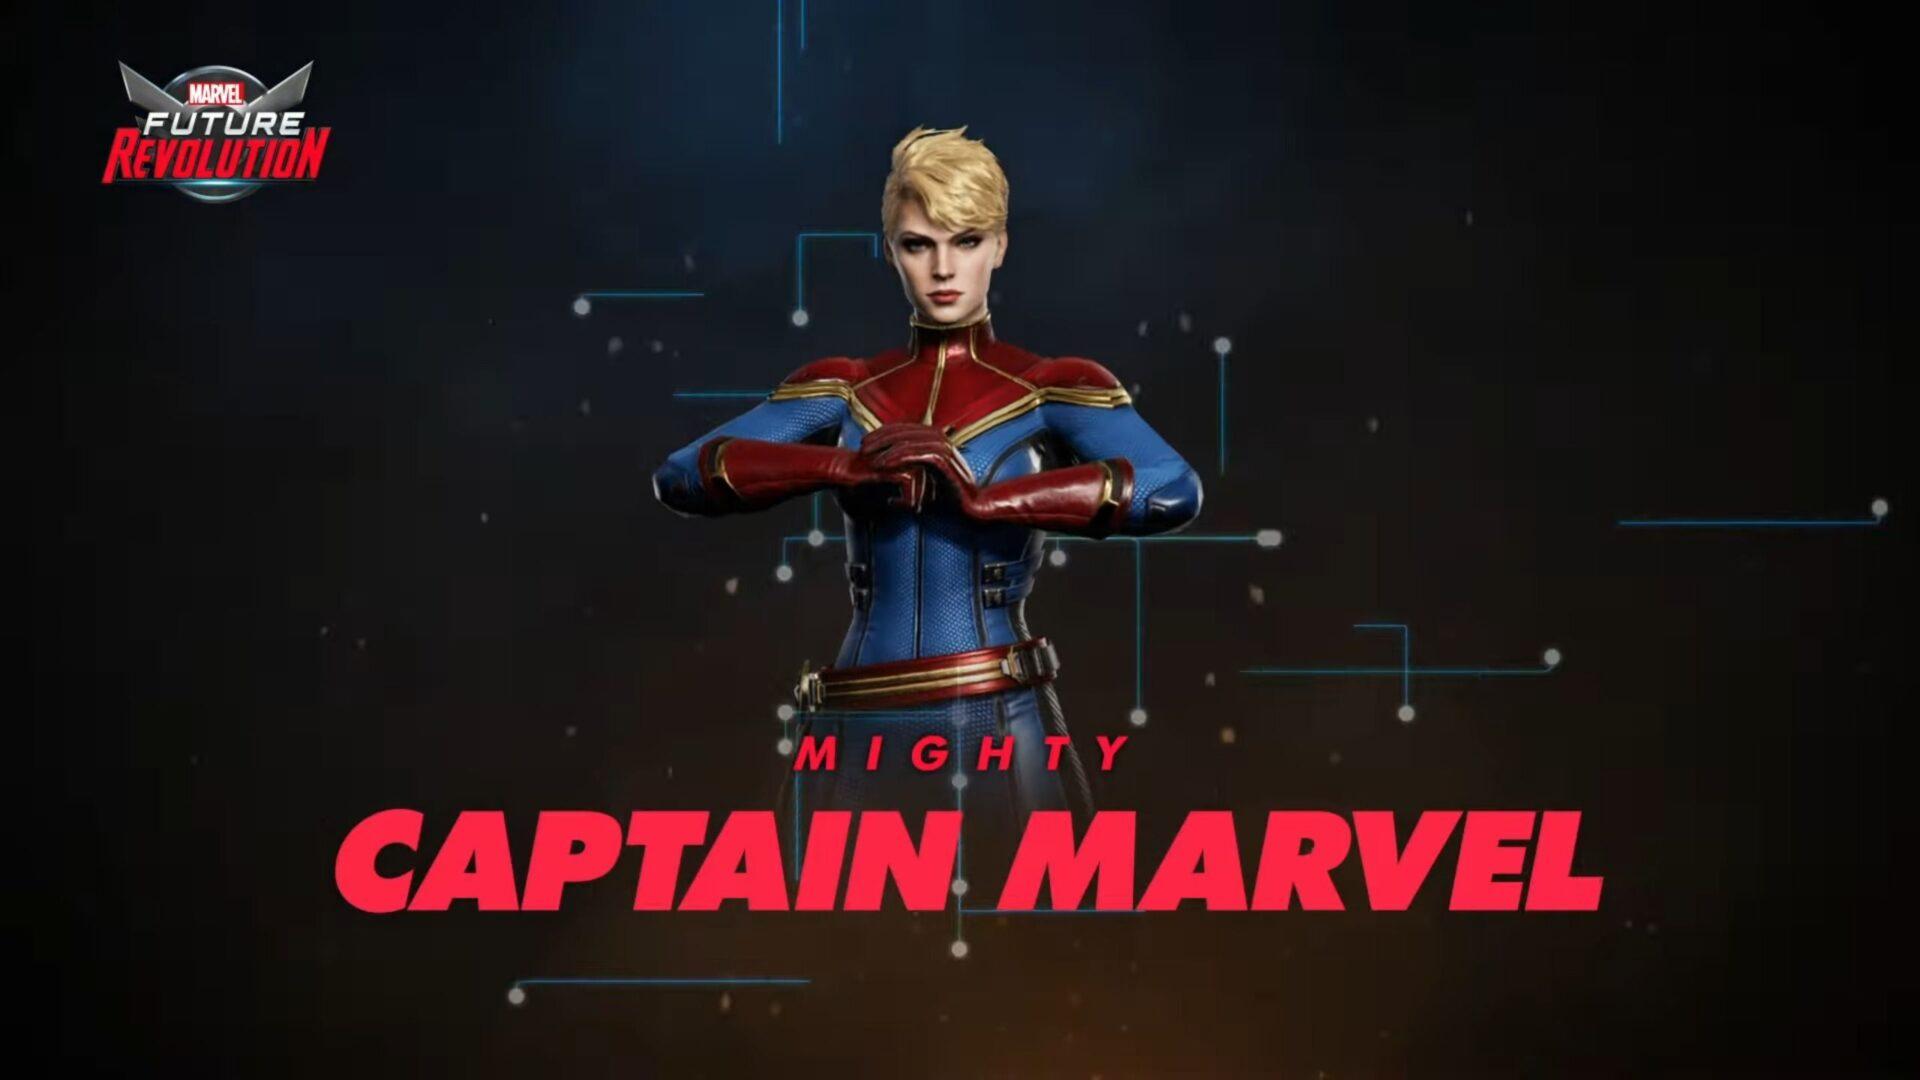 Marvel Future Revolution Captain Marvel